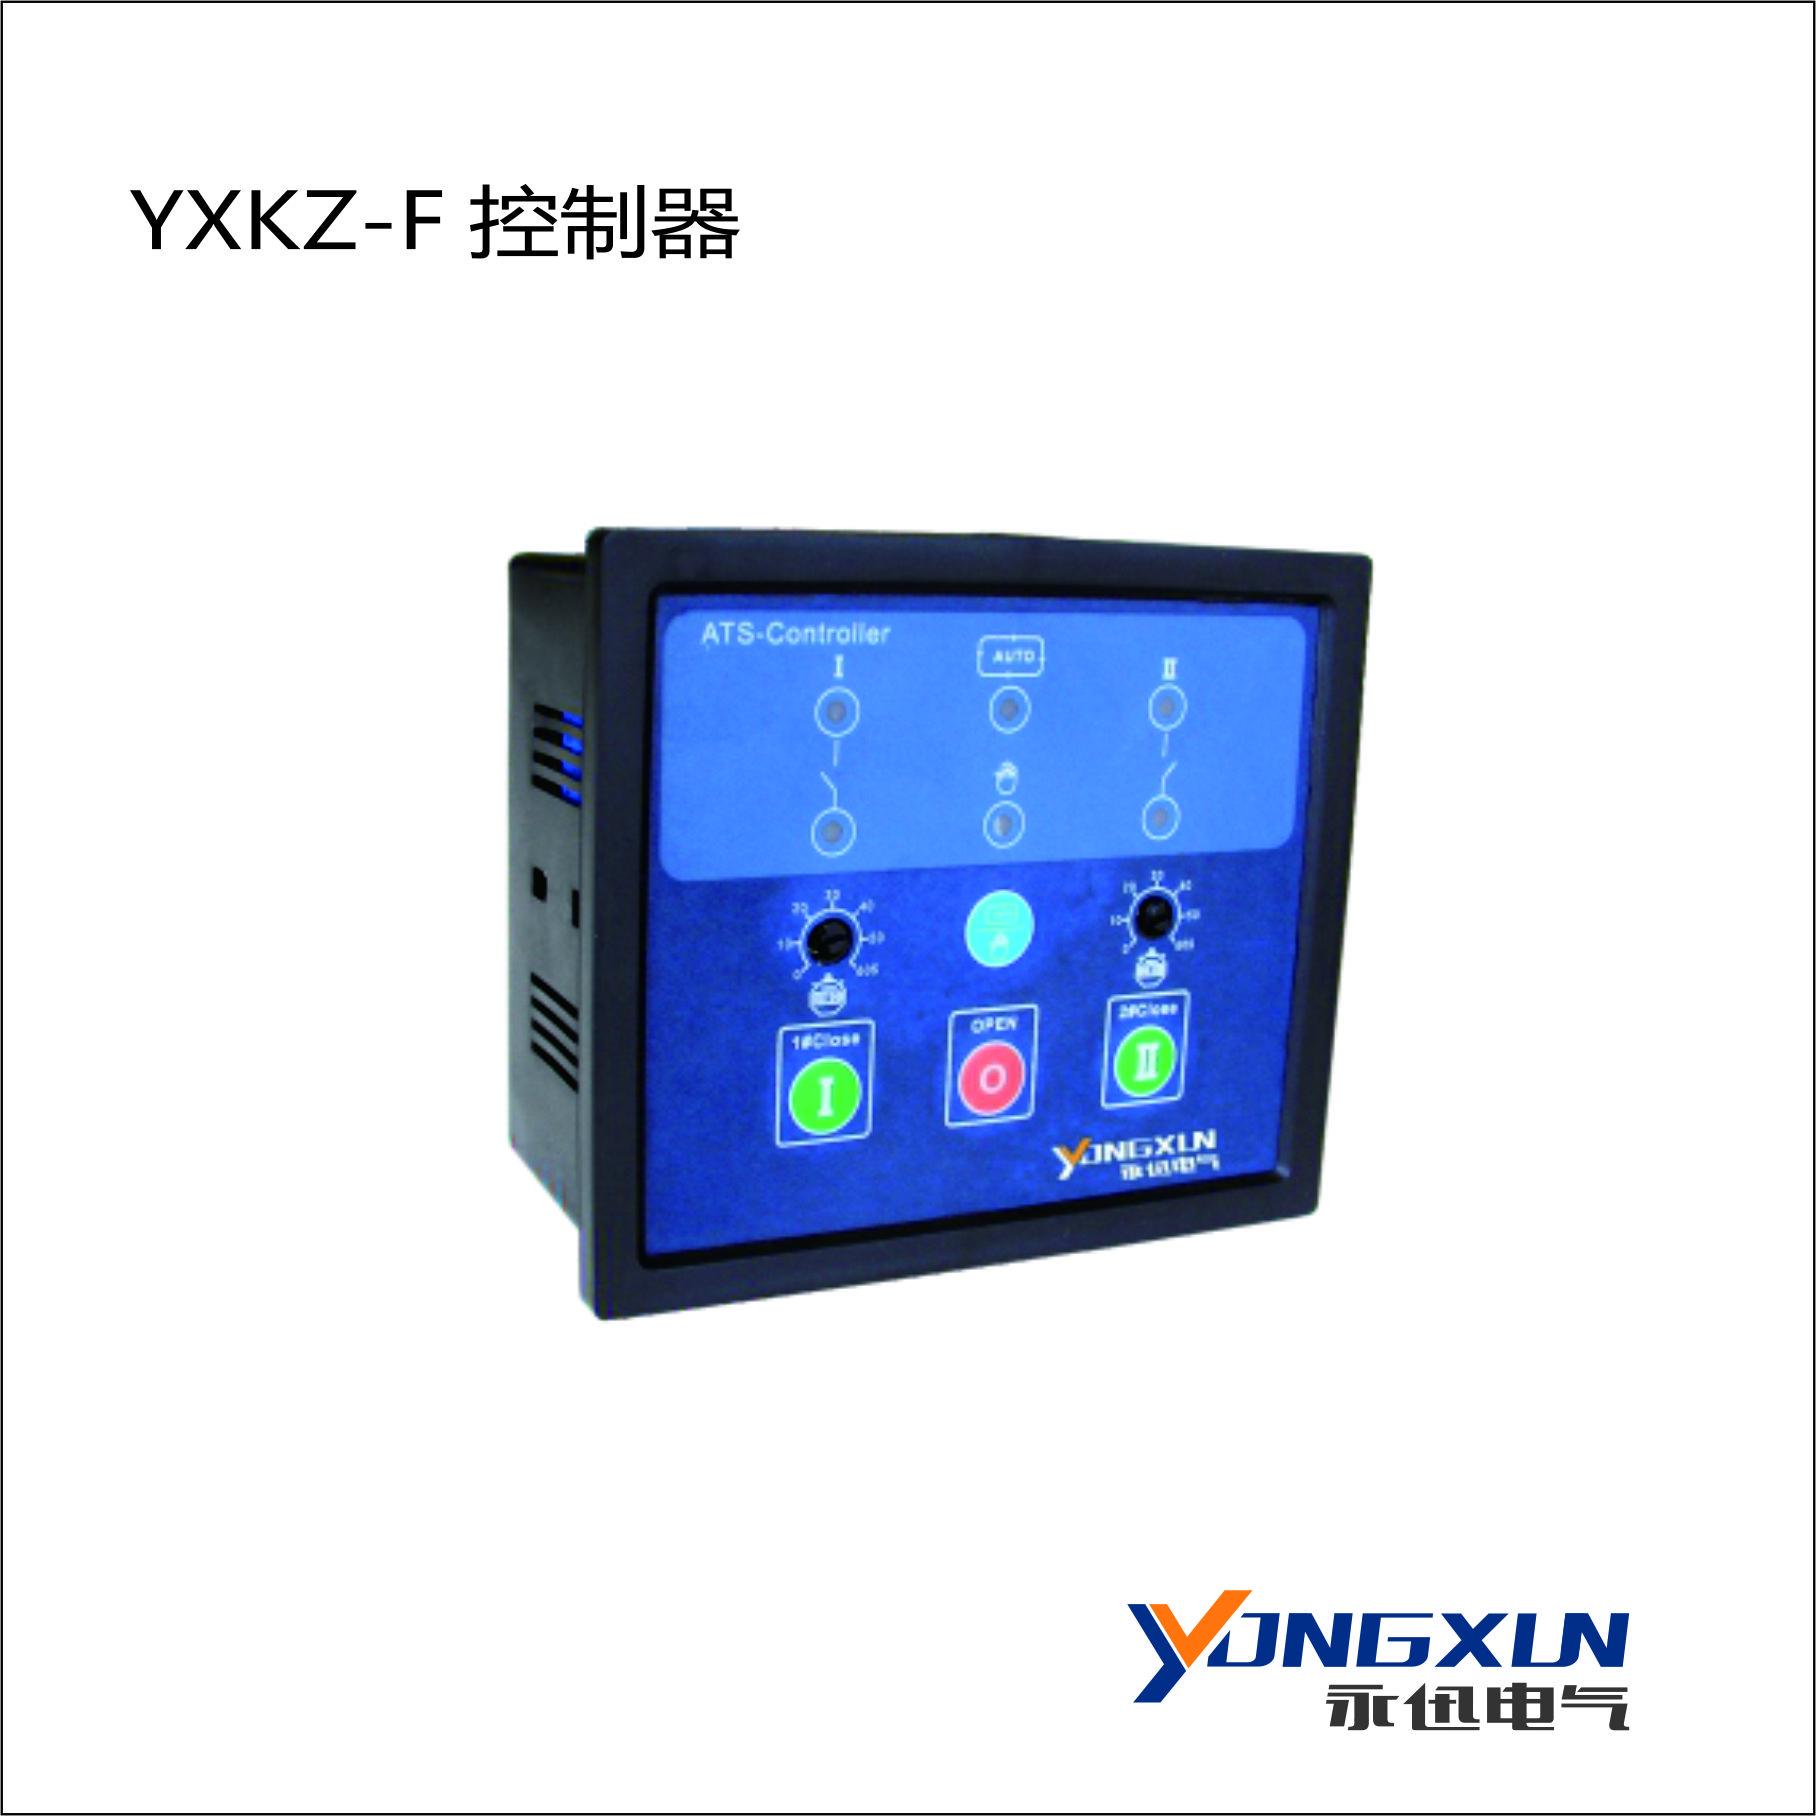 YXKZ-F系列双电源控制器